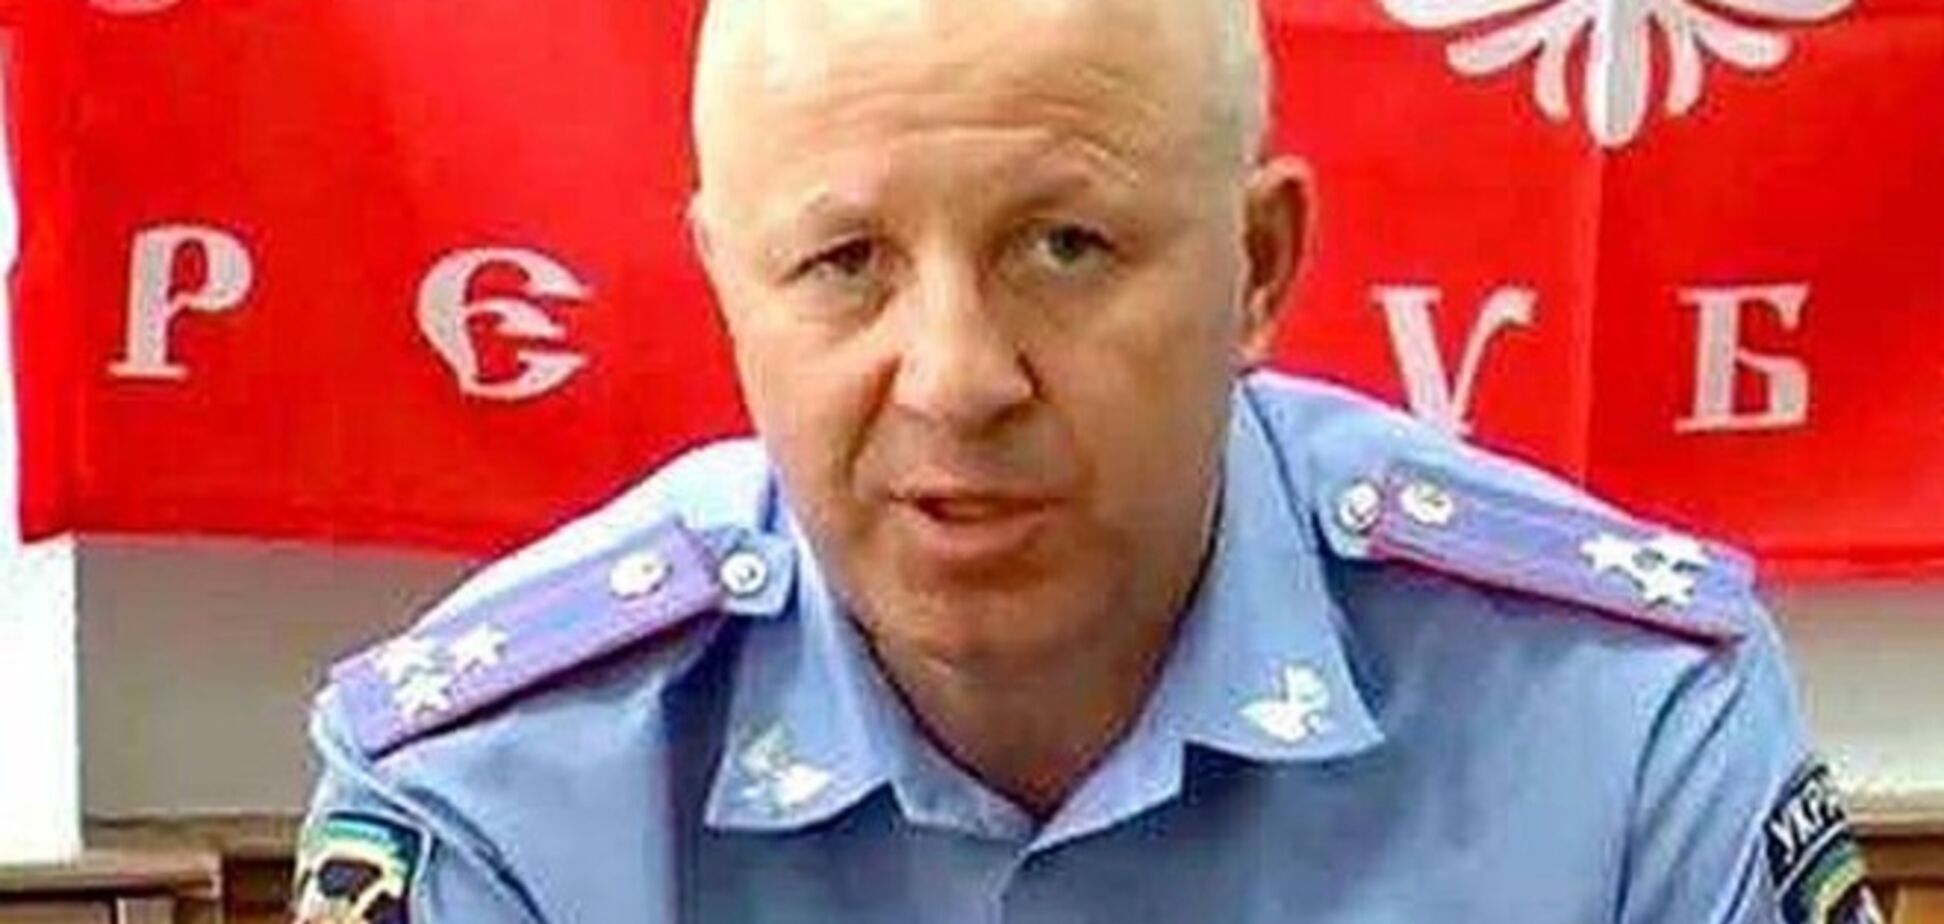 Донецкие партизаны из гранатомета расстреляли бывшего начальника милиции Мариуполя, который предал Украину